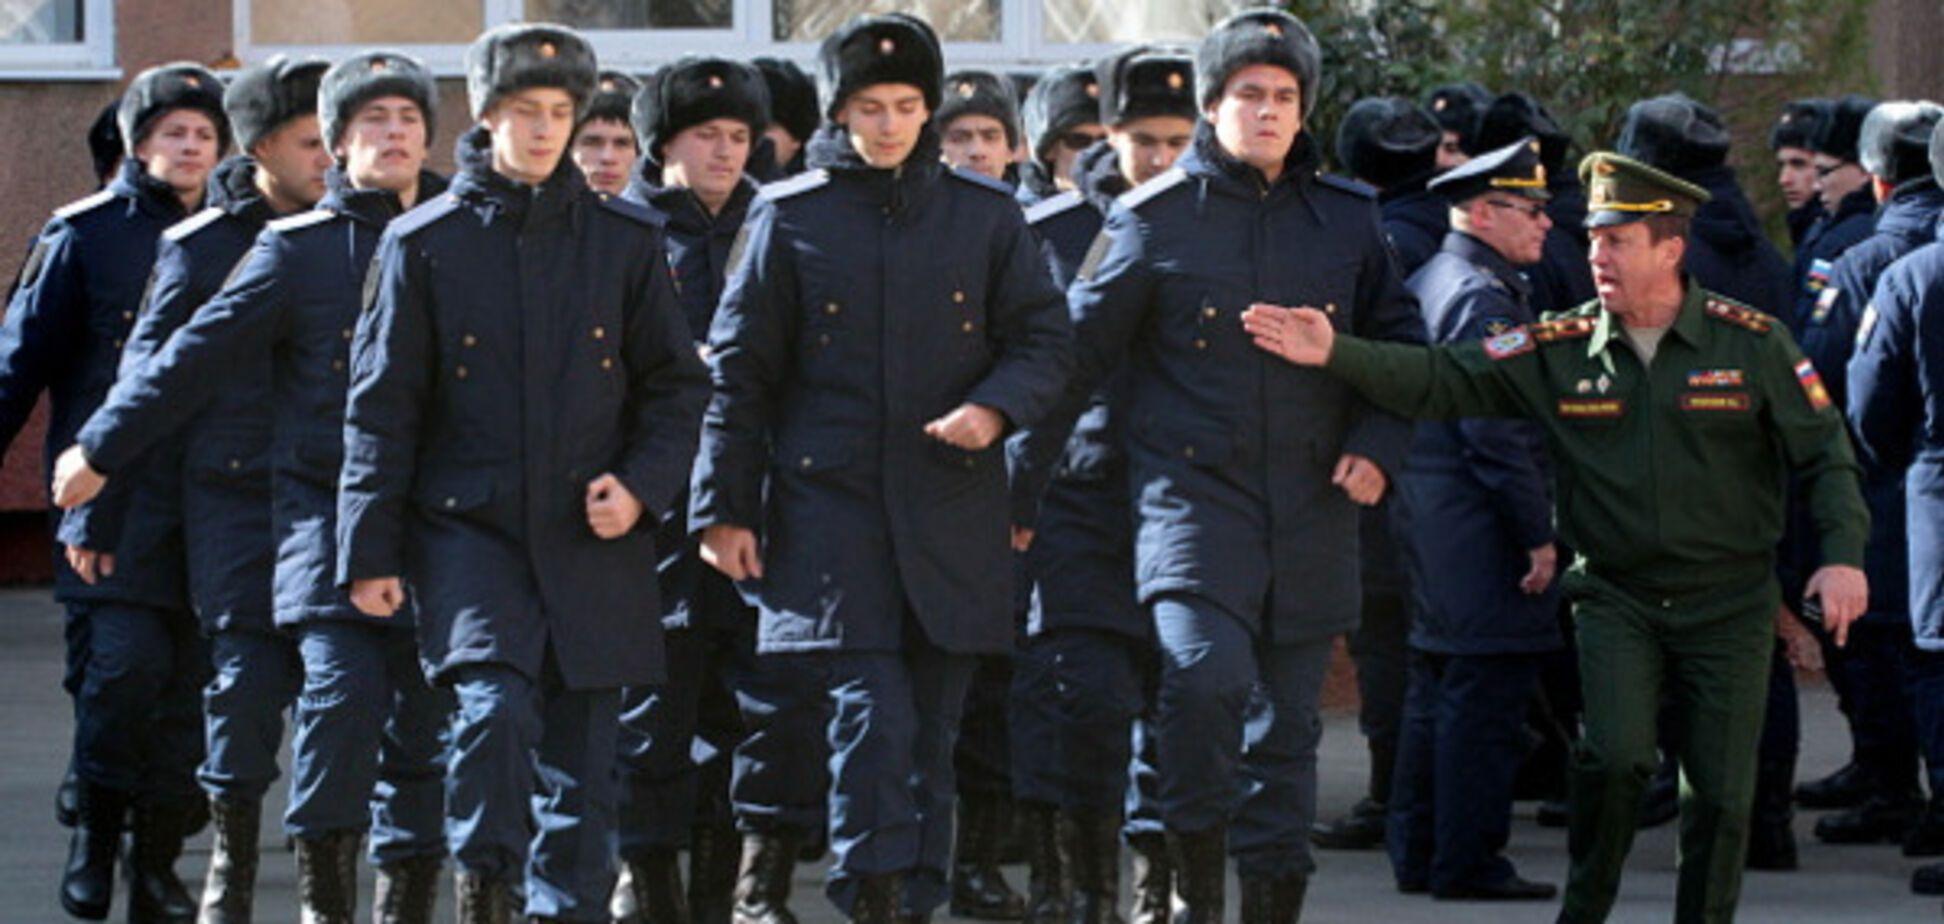 Не Камчатка, так Сибирь: оккупанты обязали крымчан 'служить' в регионах России